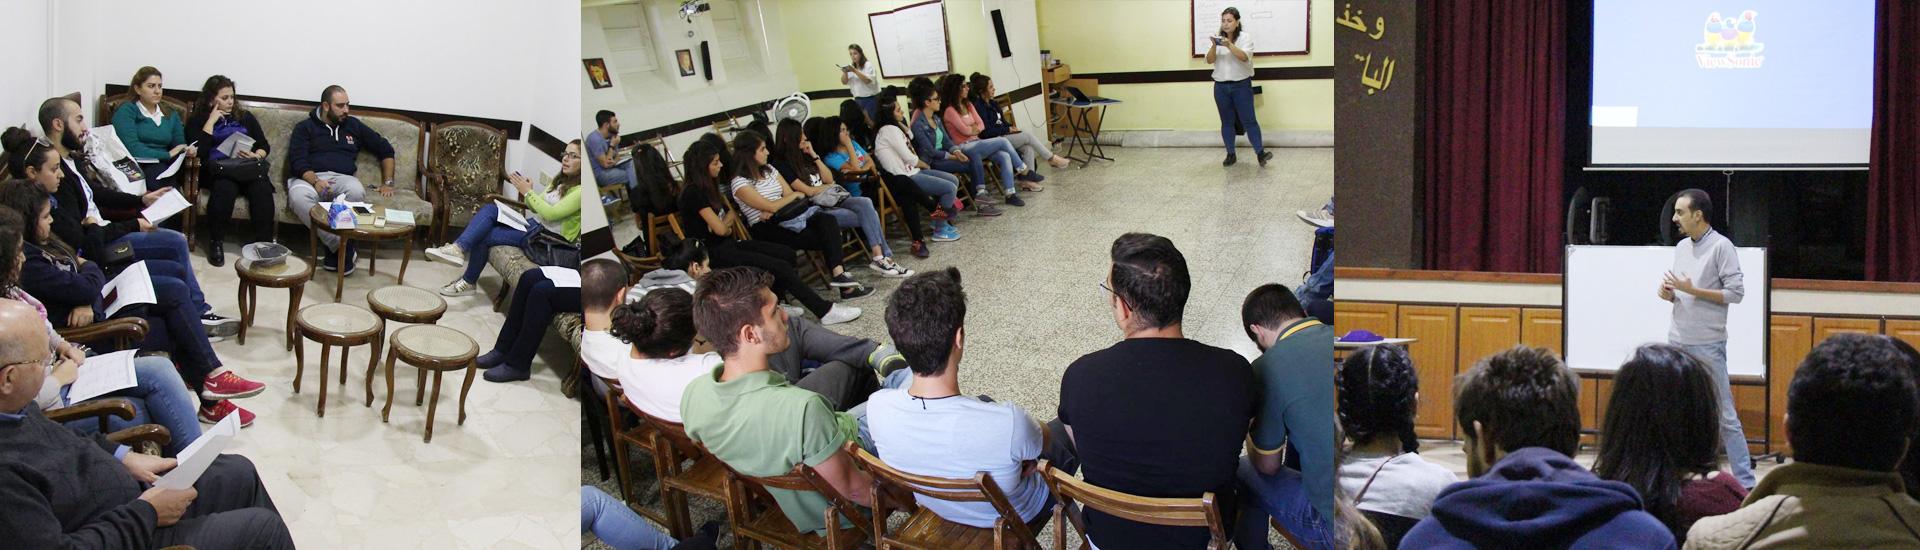 'Iluminando el futuro': un proyecto para los jóvenes de Siria